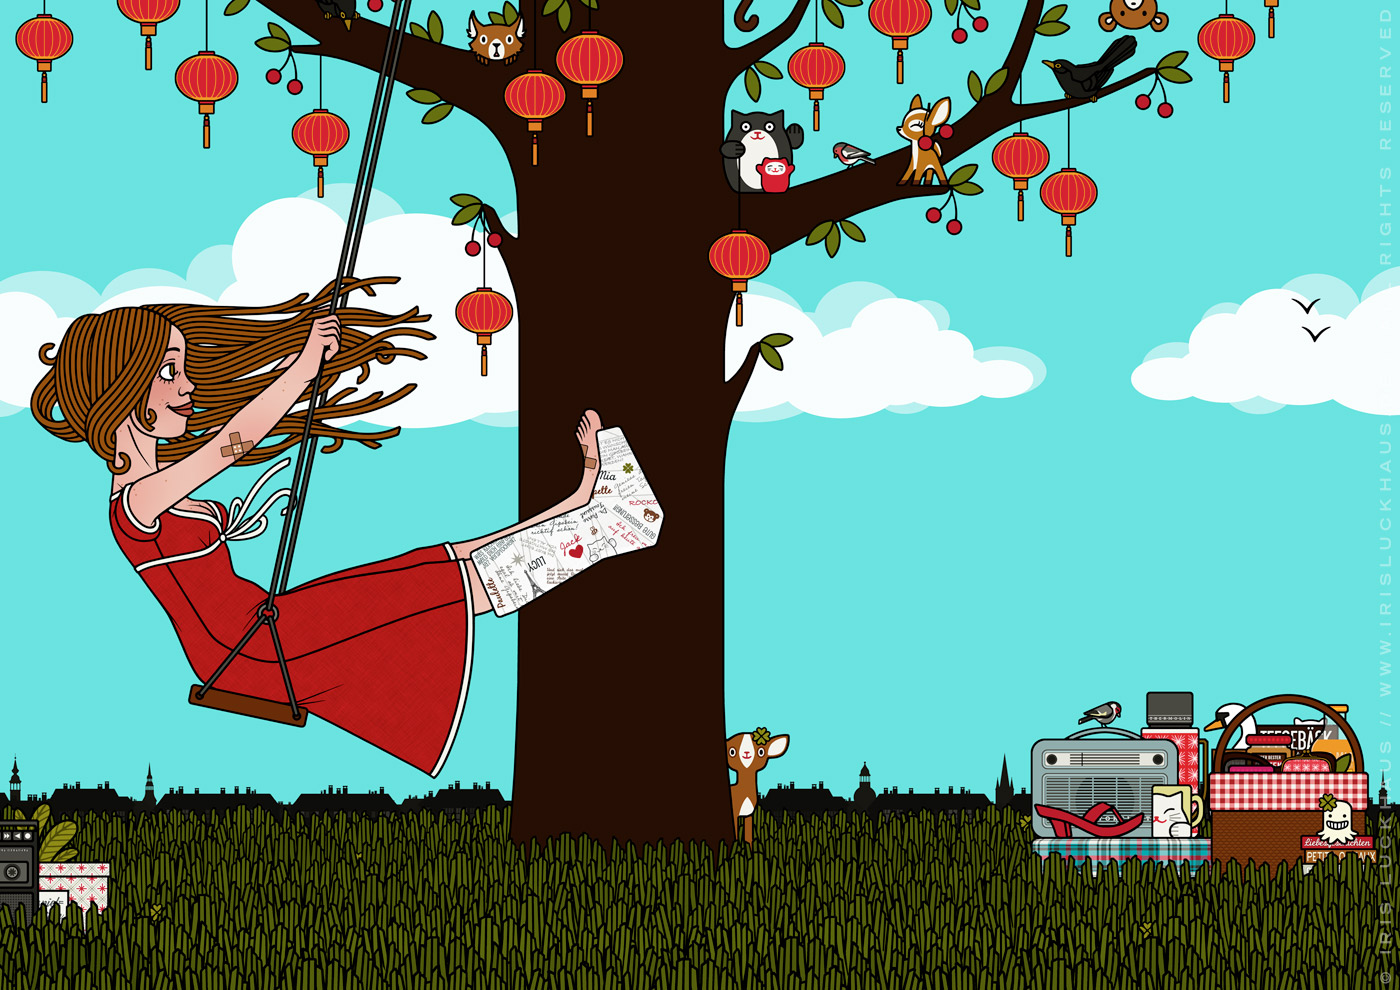 Zeichnung von Mädchen mit Gipsbein auf einer Schaukel am Kirschbaum mit Lampions im Glück im Unglück für Lily Lux von Iris Luckhaus